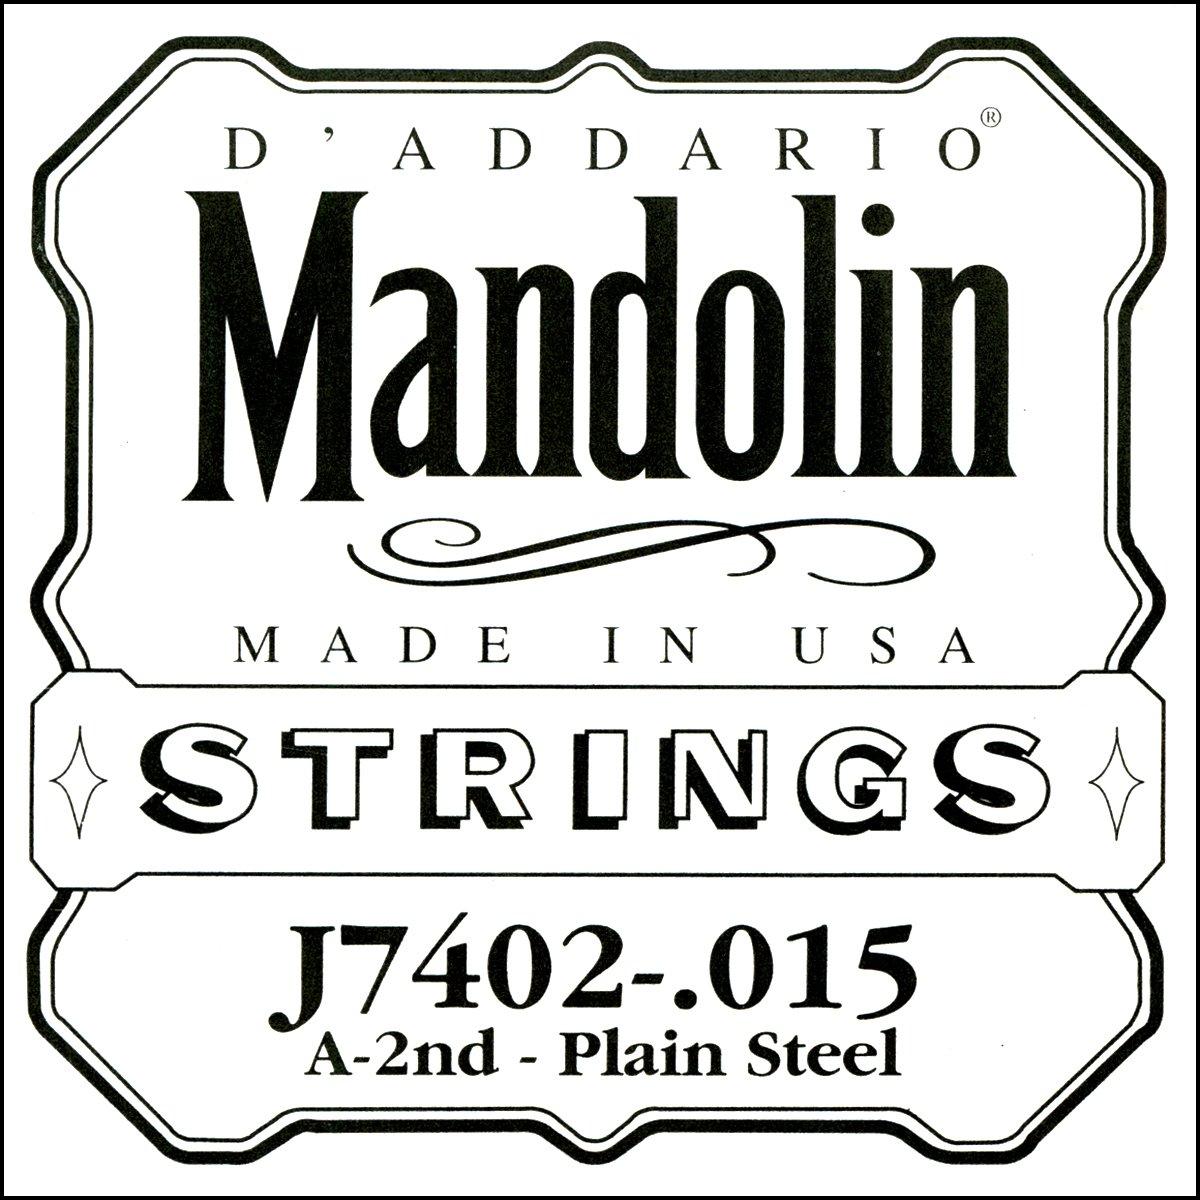 D'Addario J7402 Plain Steel Mandolin Single String, Second String, .015 D' Addario